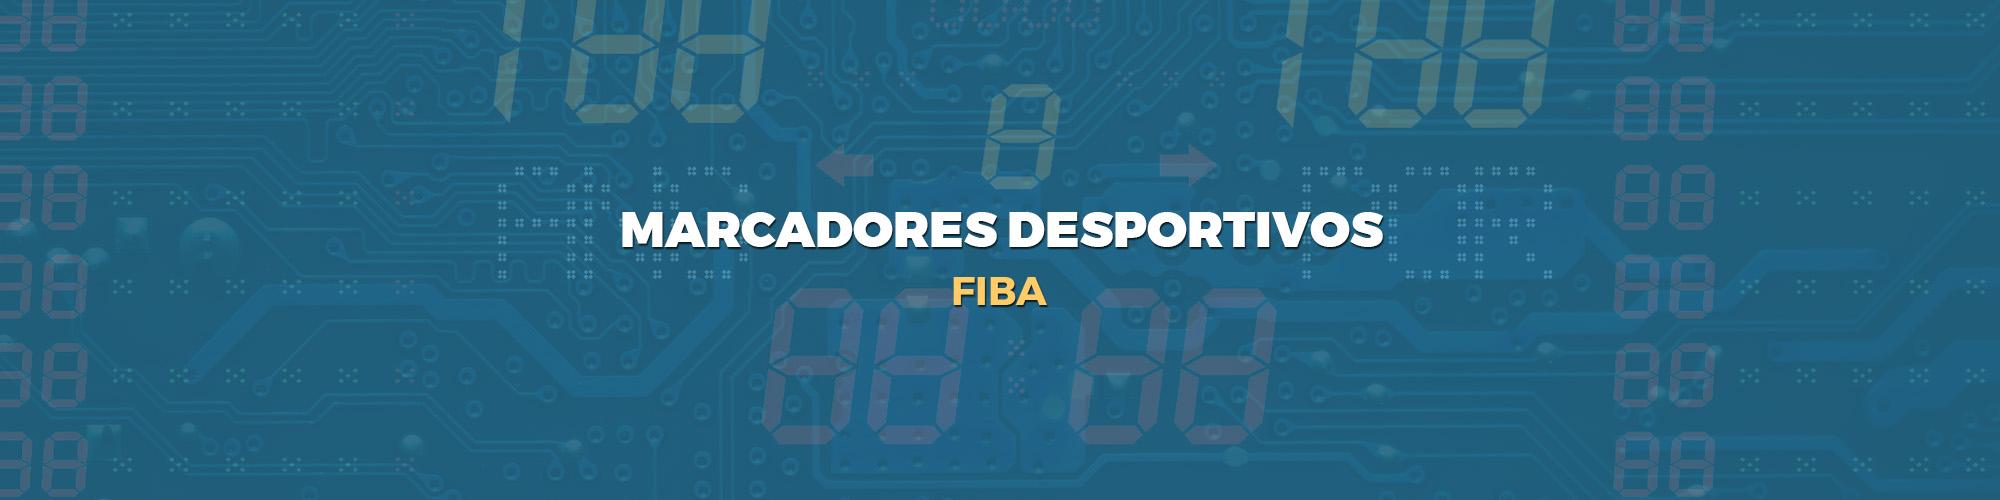 marcadores desportivos - FIBA